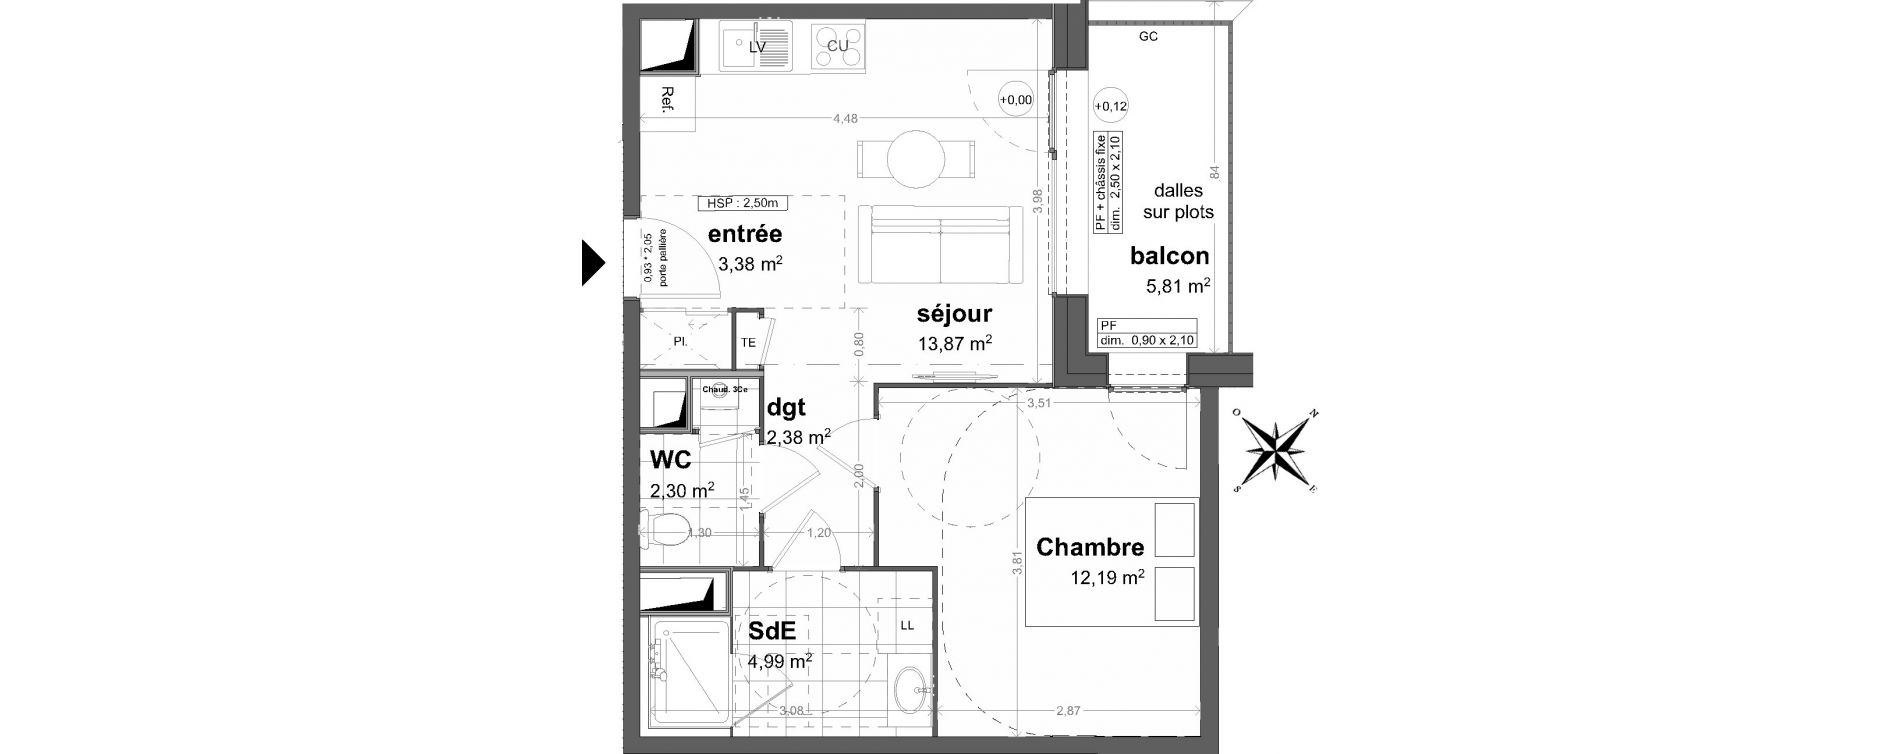 Appartement T2 de 39,11 m2 à Saint-Malo Saint-servan - solidor